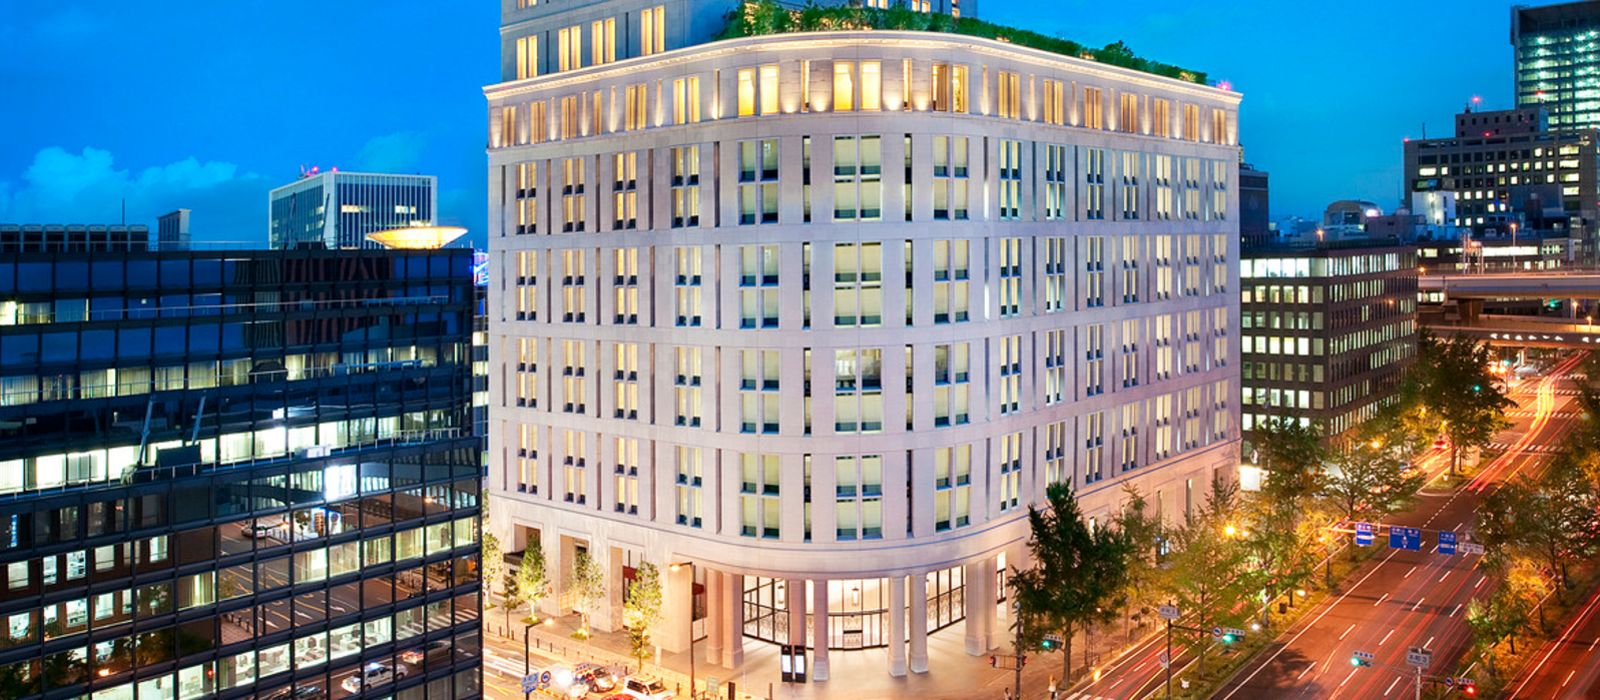 Hotel The St. Regis Osaka Japan